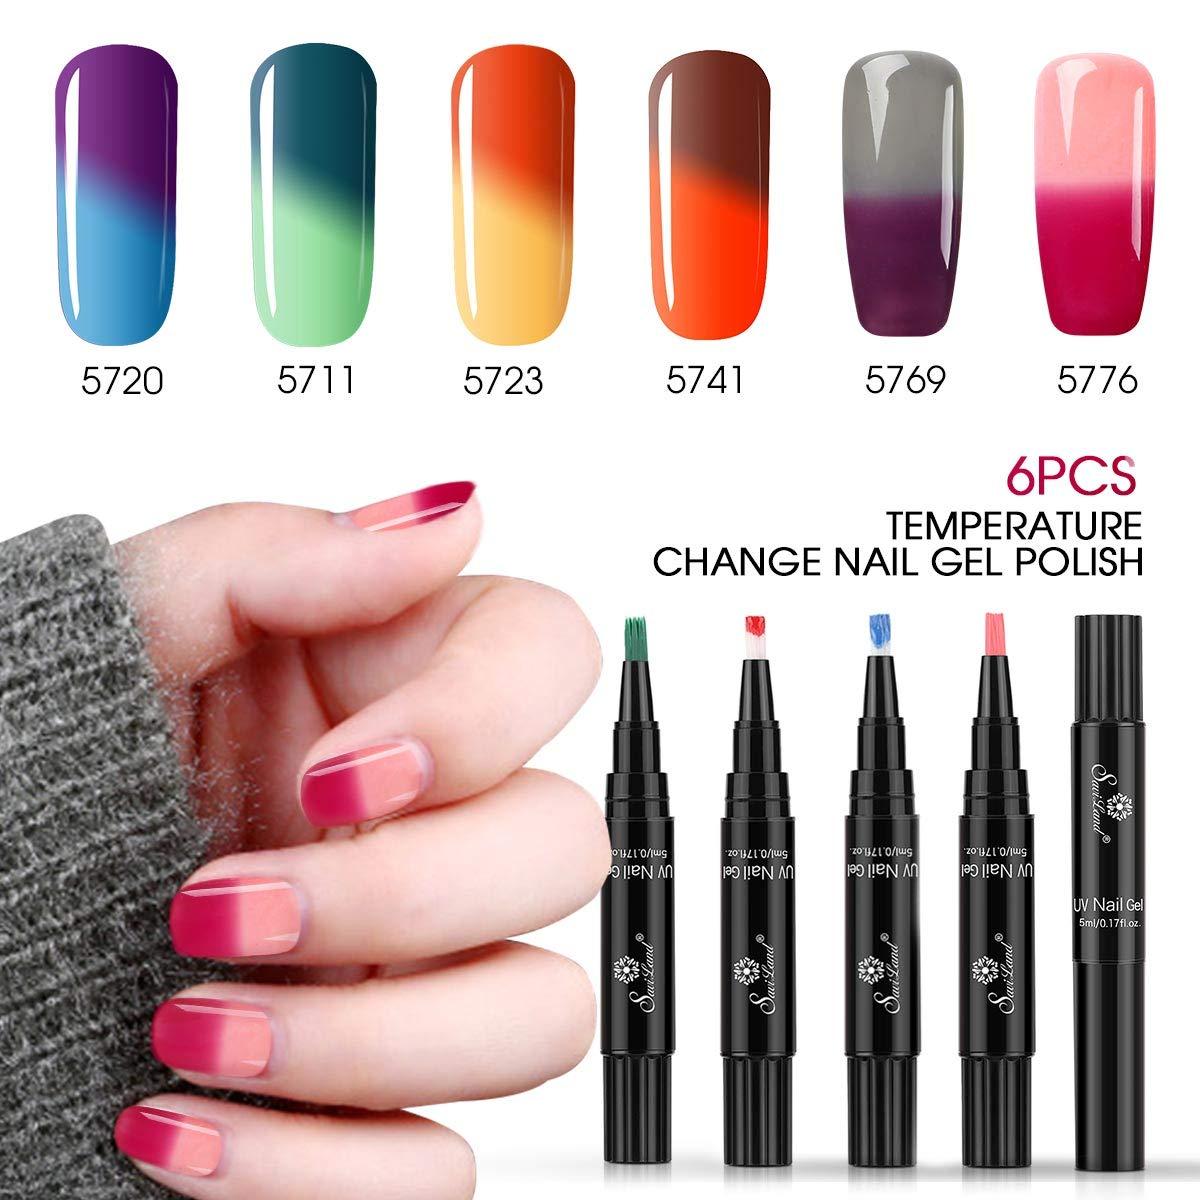 Saviland Soak Off Gel-Nagellack, Farbwechsel, UV-/LED-Nagellack, 6 Stück 6 Stück